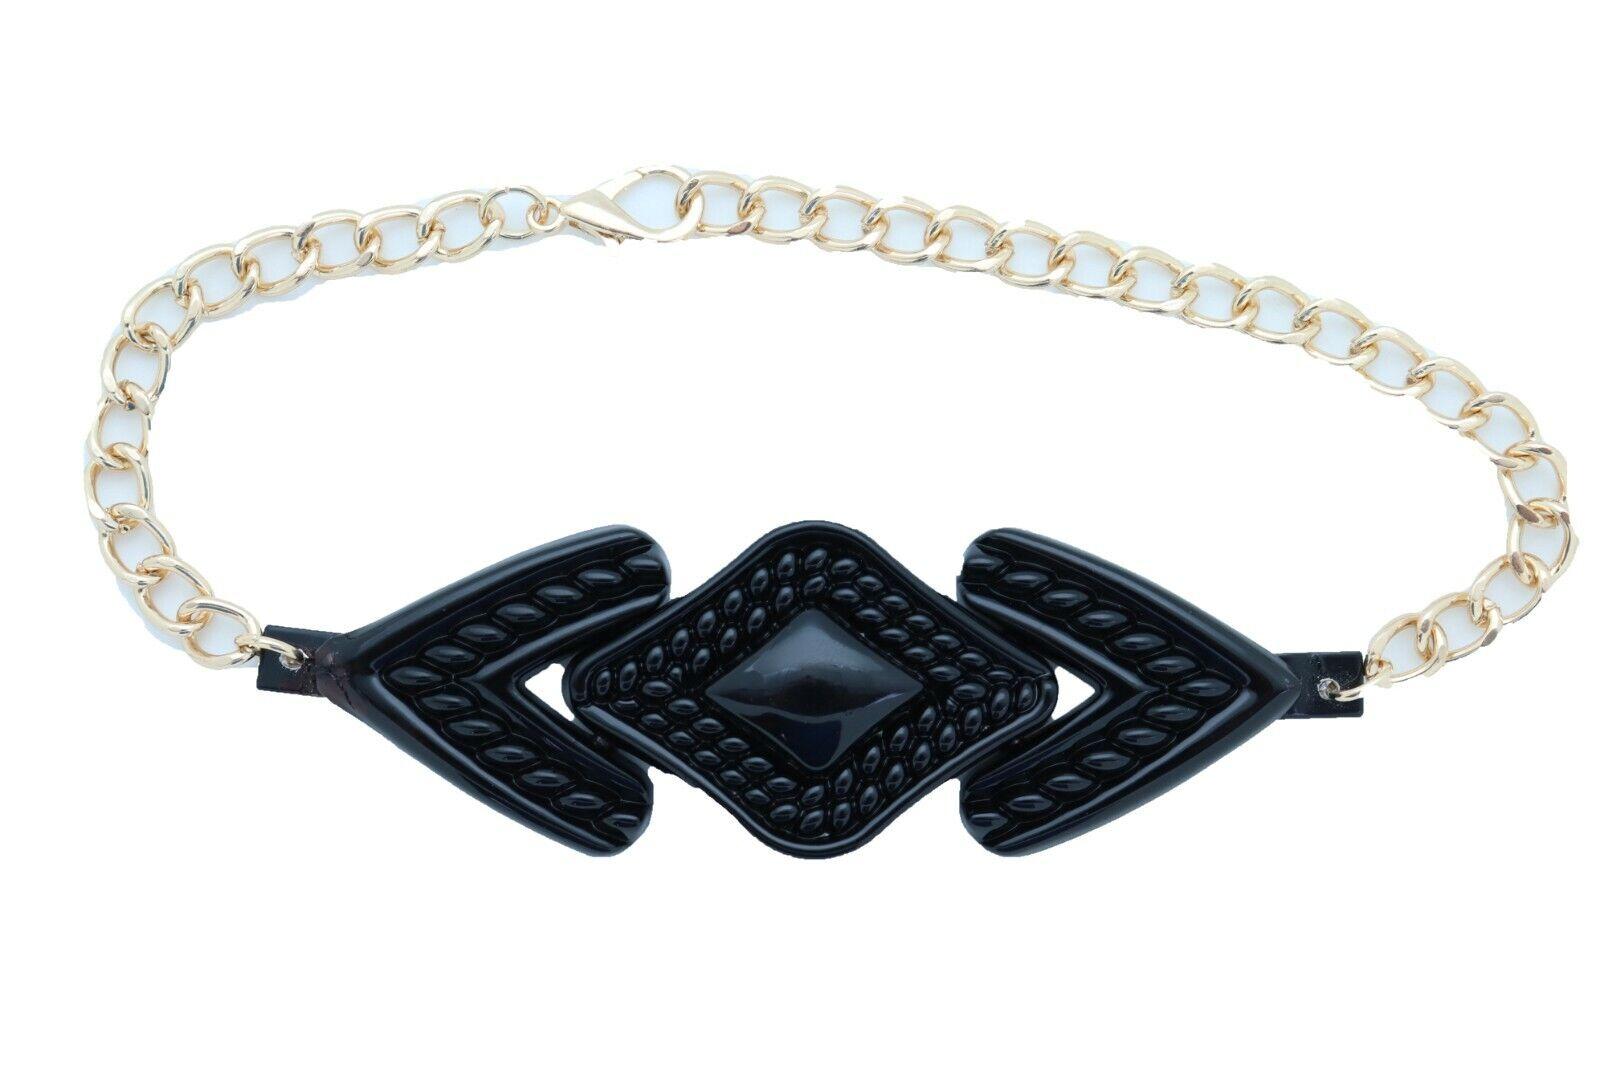 Women Western Metal Boot Chain Bracelet Shoe Black Arrow Head Charm Bling Look